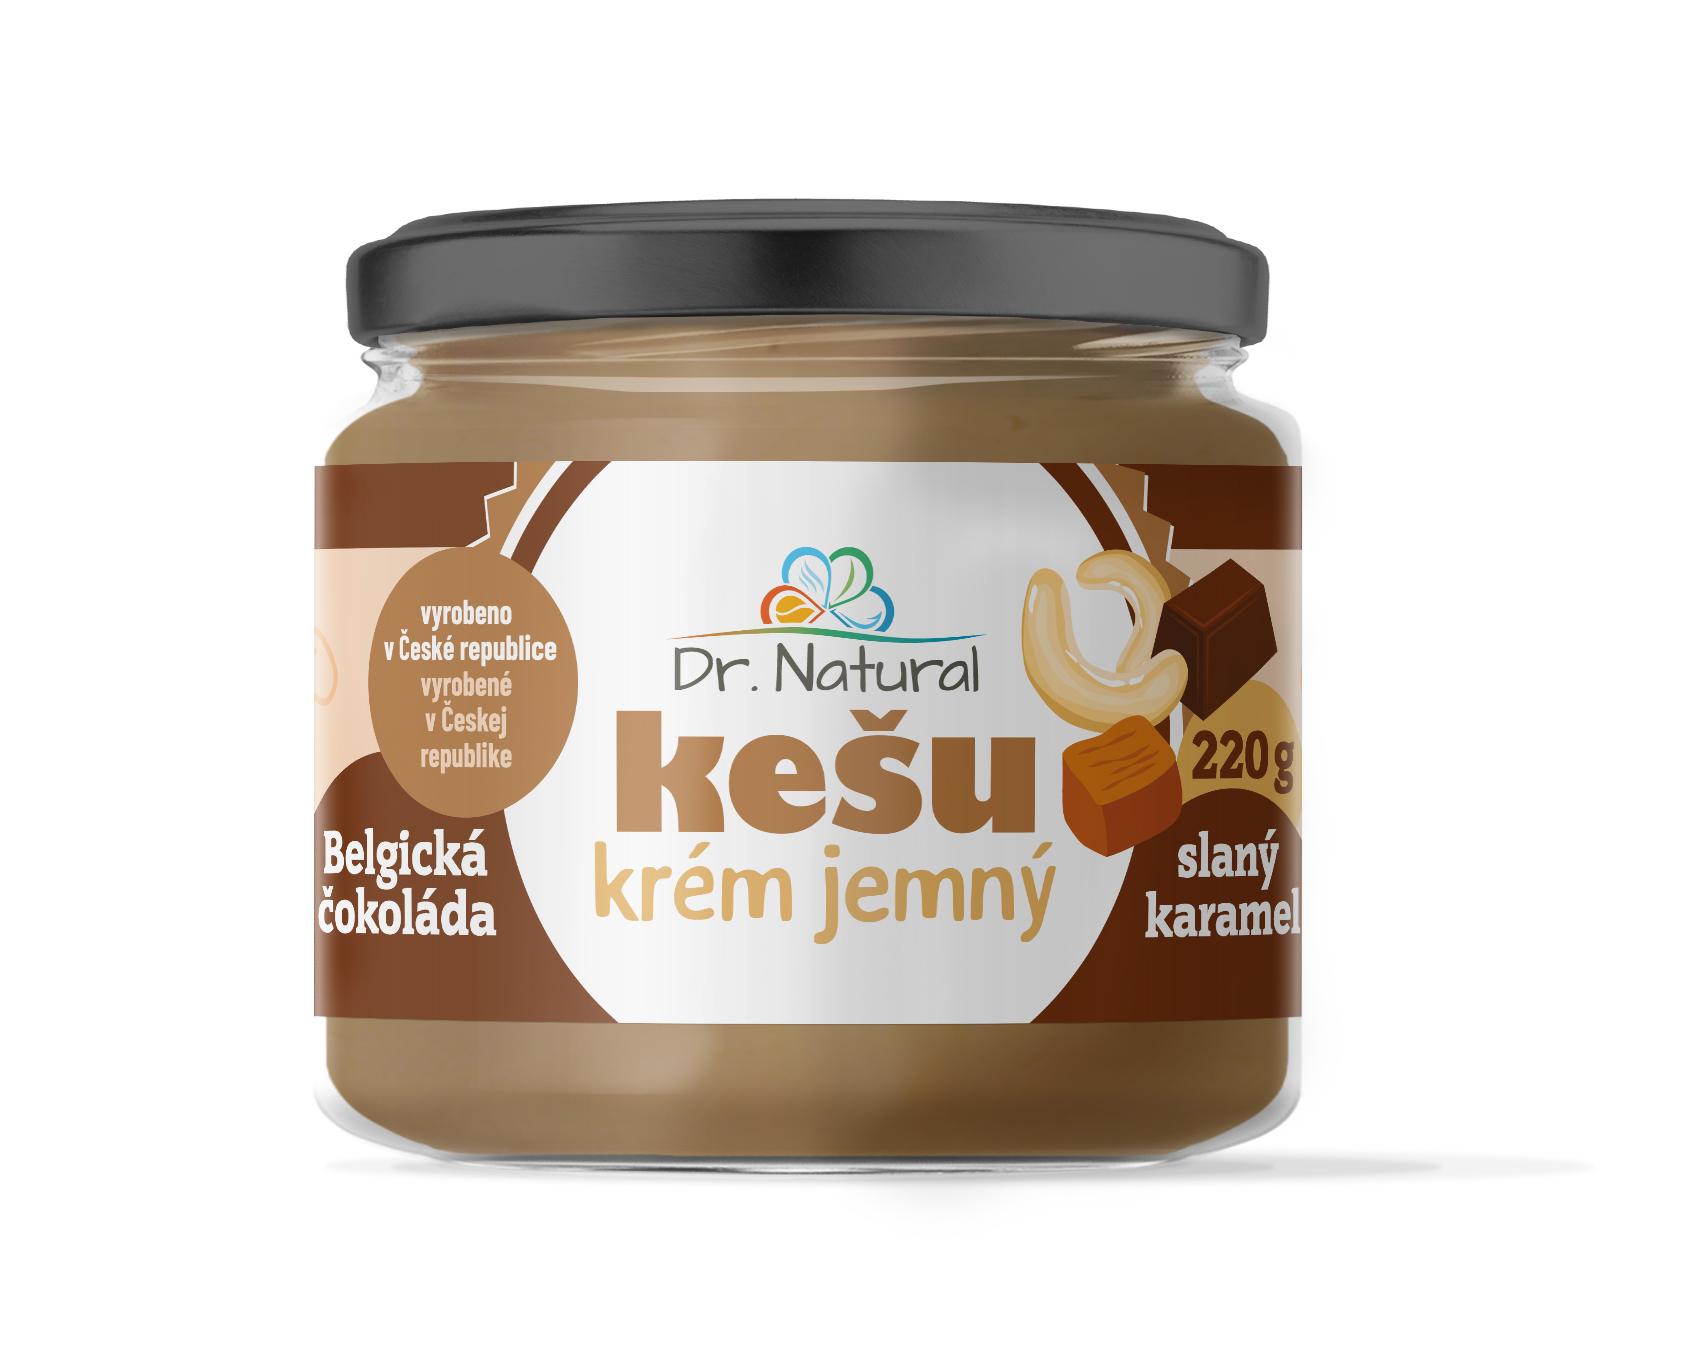 Dr.Natural Kešu krém belgická čokoláda slaný karamel 220g